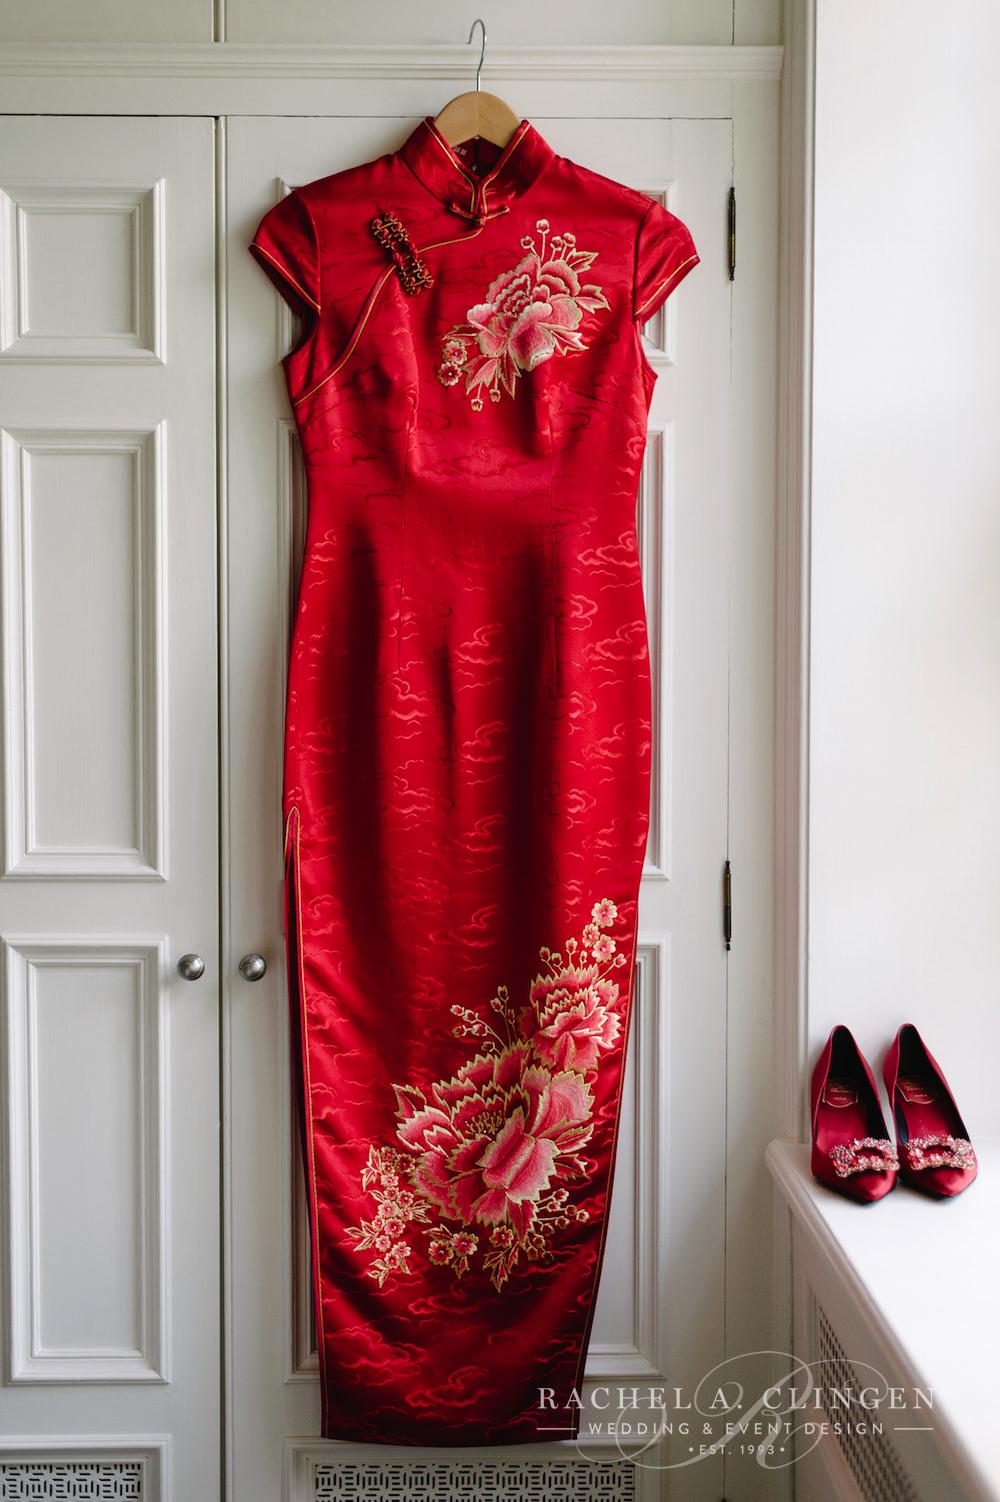 Red Dress Chinese Wedding Wedding Decor Toronto Rachel A Clingen